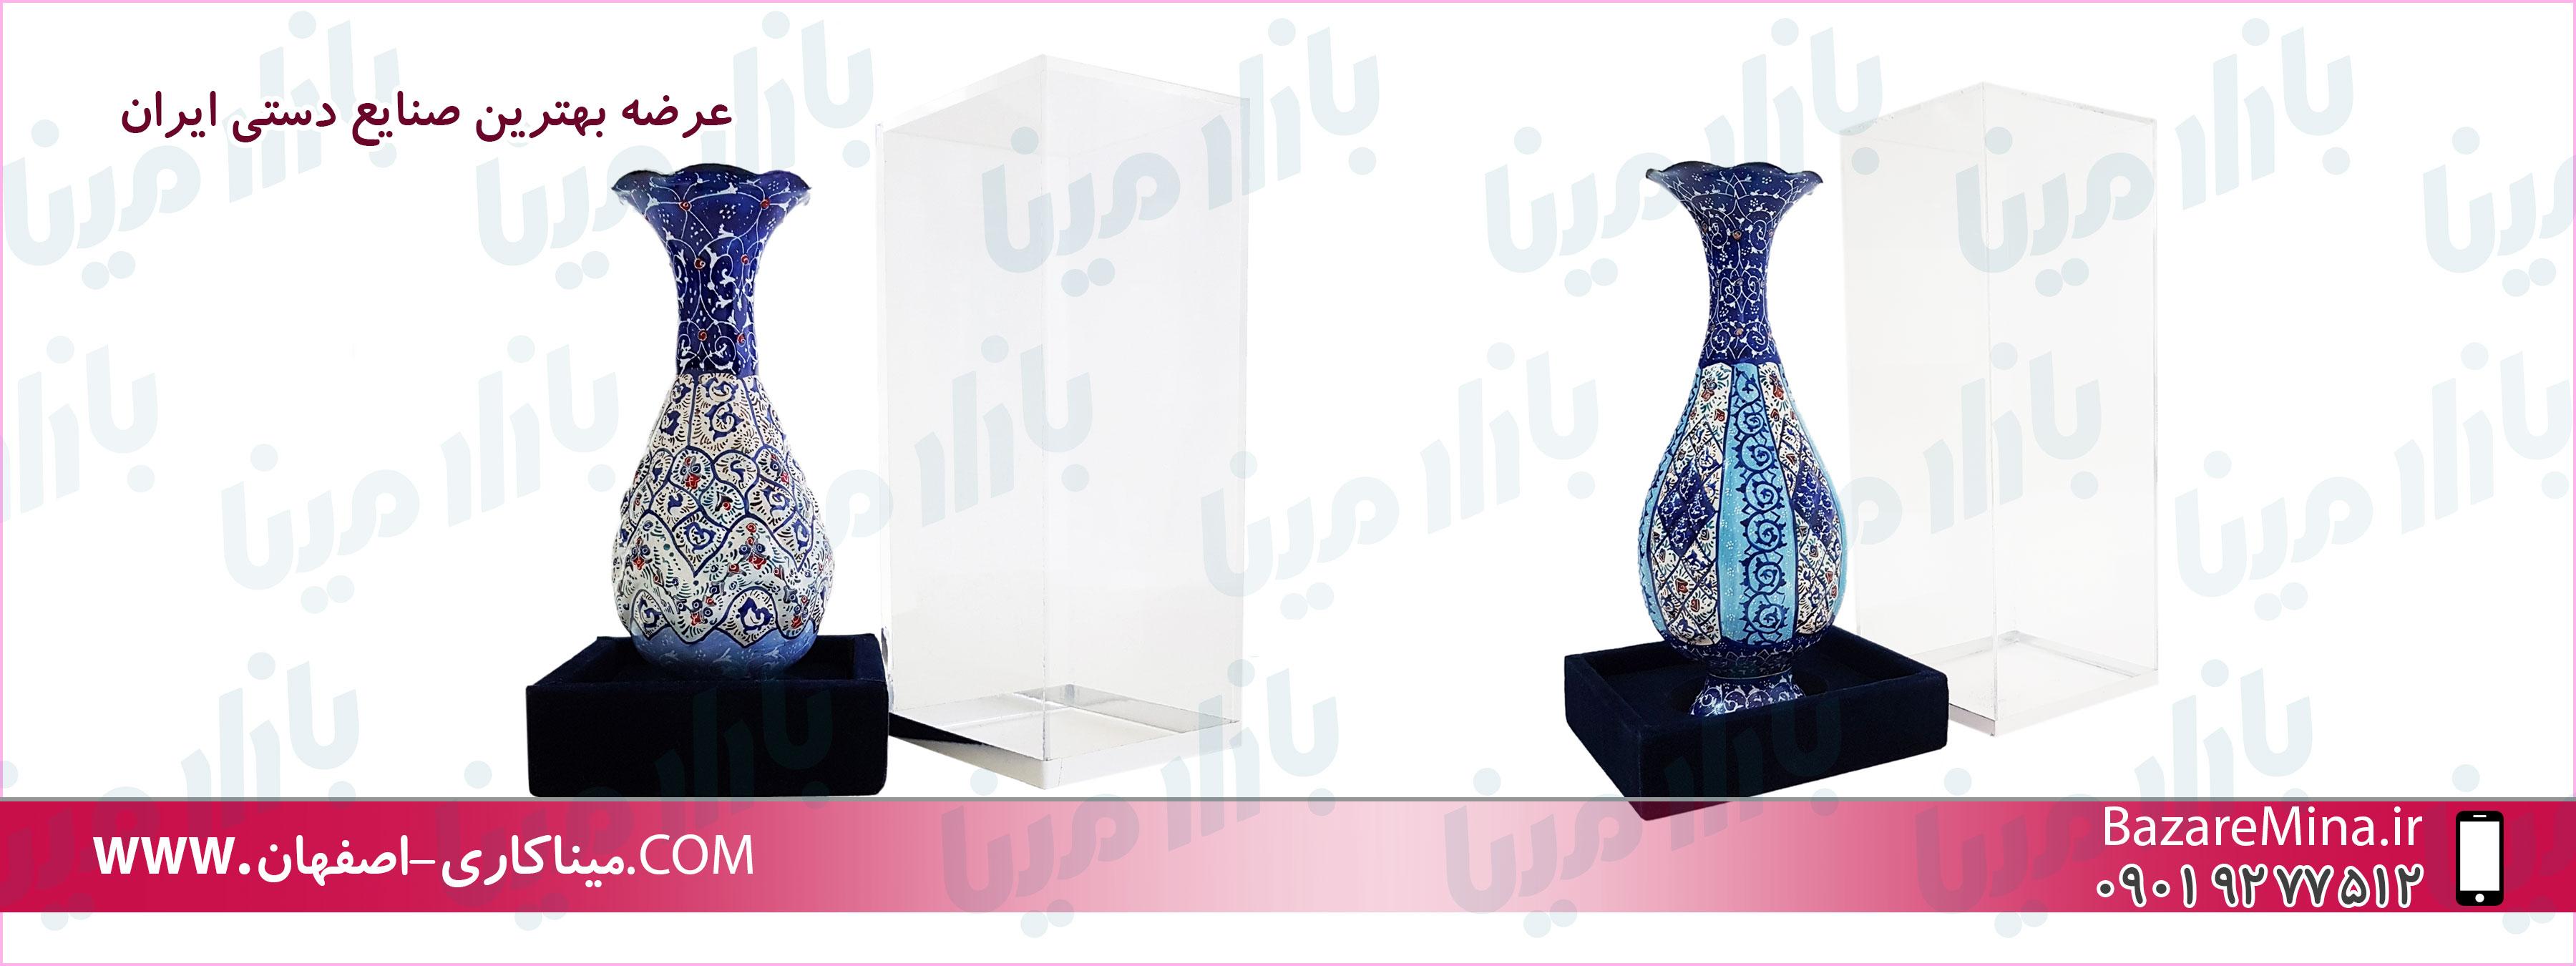 ظروف مسی میناکاری شده اصفهان